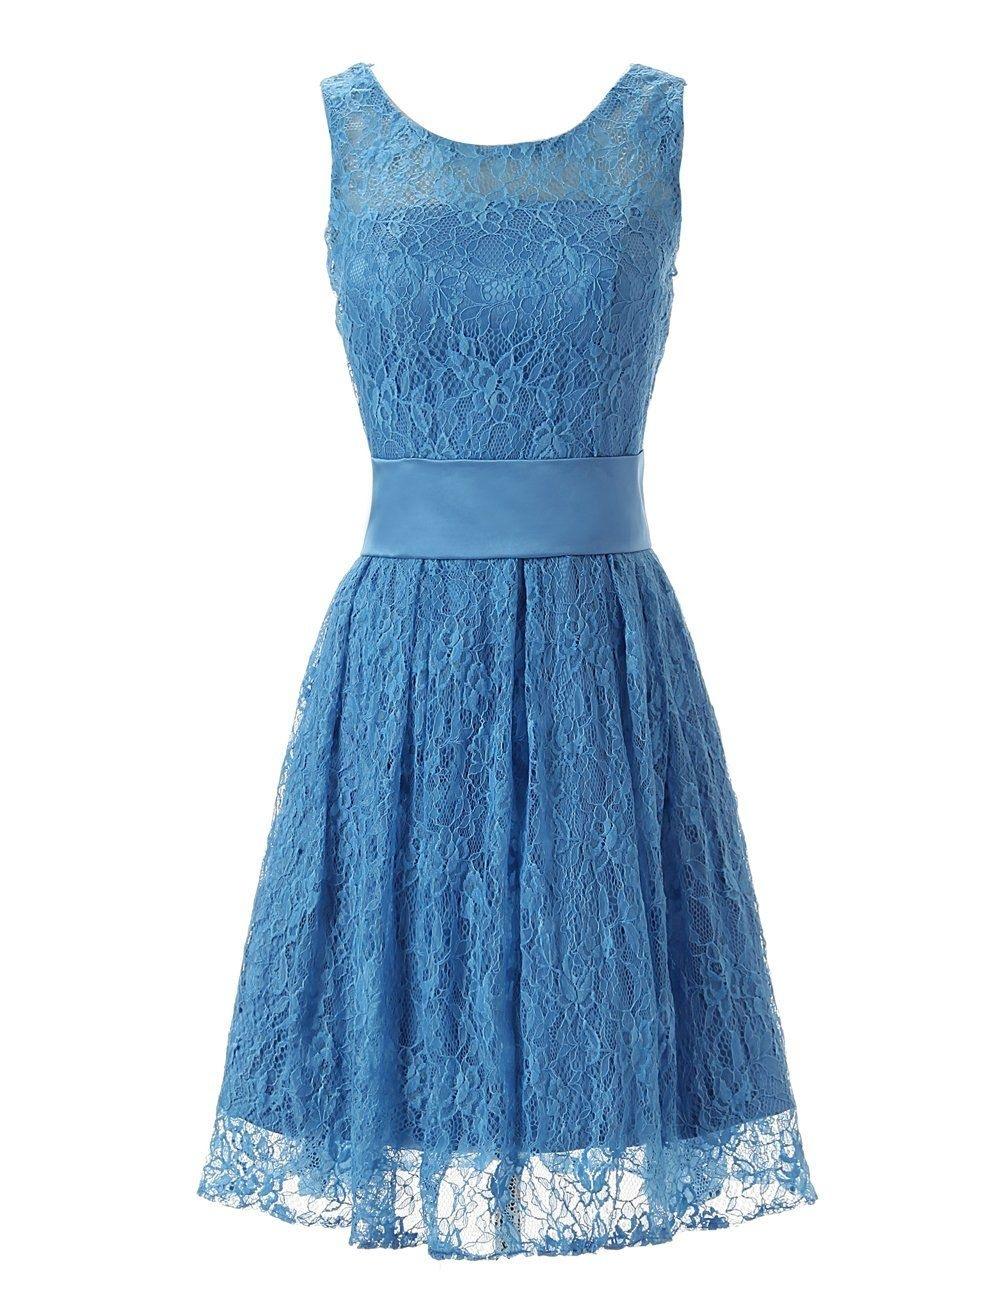 Designer Elegant Konfirmationskleider Blau Bester Preis17 Genial Konfirmationskleider Blau Vertrieb